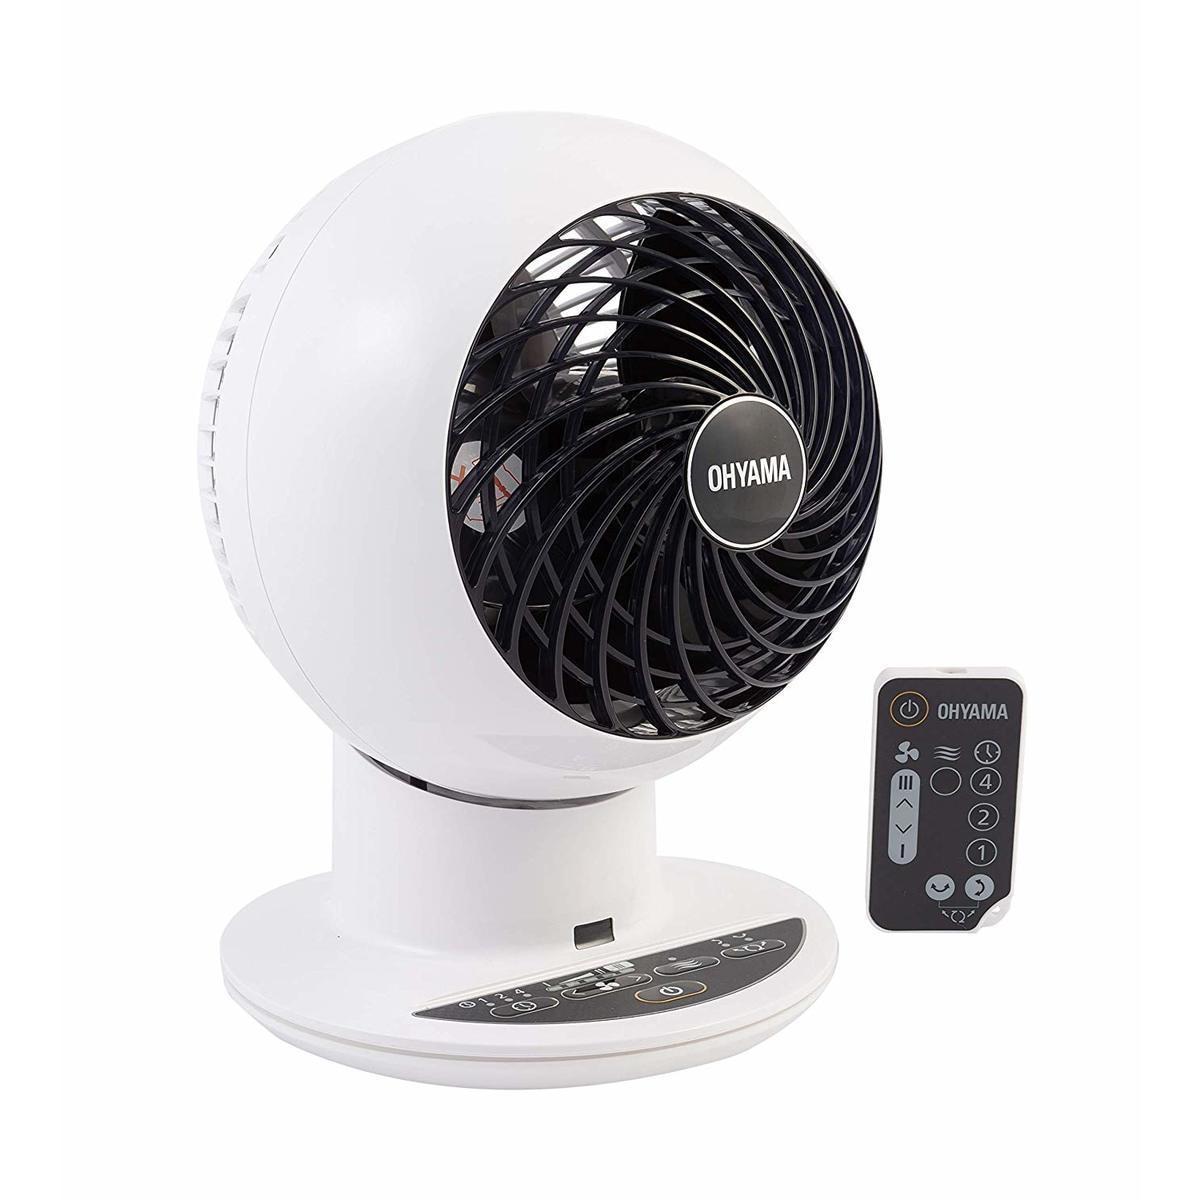 IRISOHYAMA [i]超強靜音循環風扇 PCF-SC15T